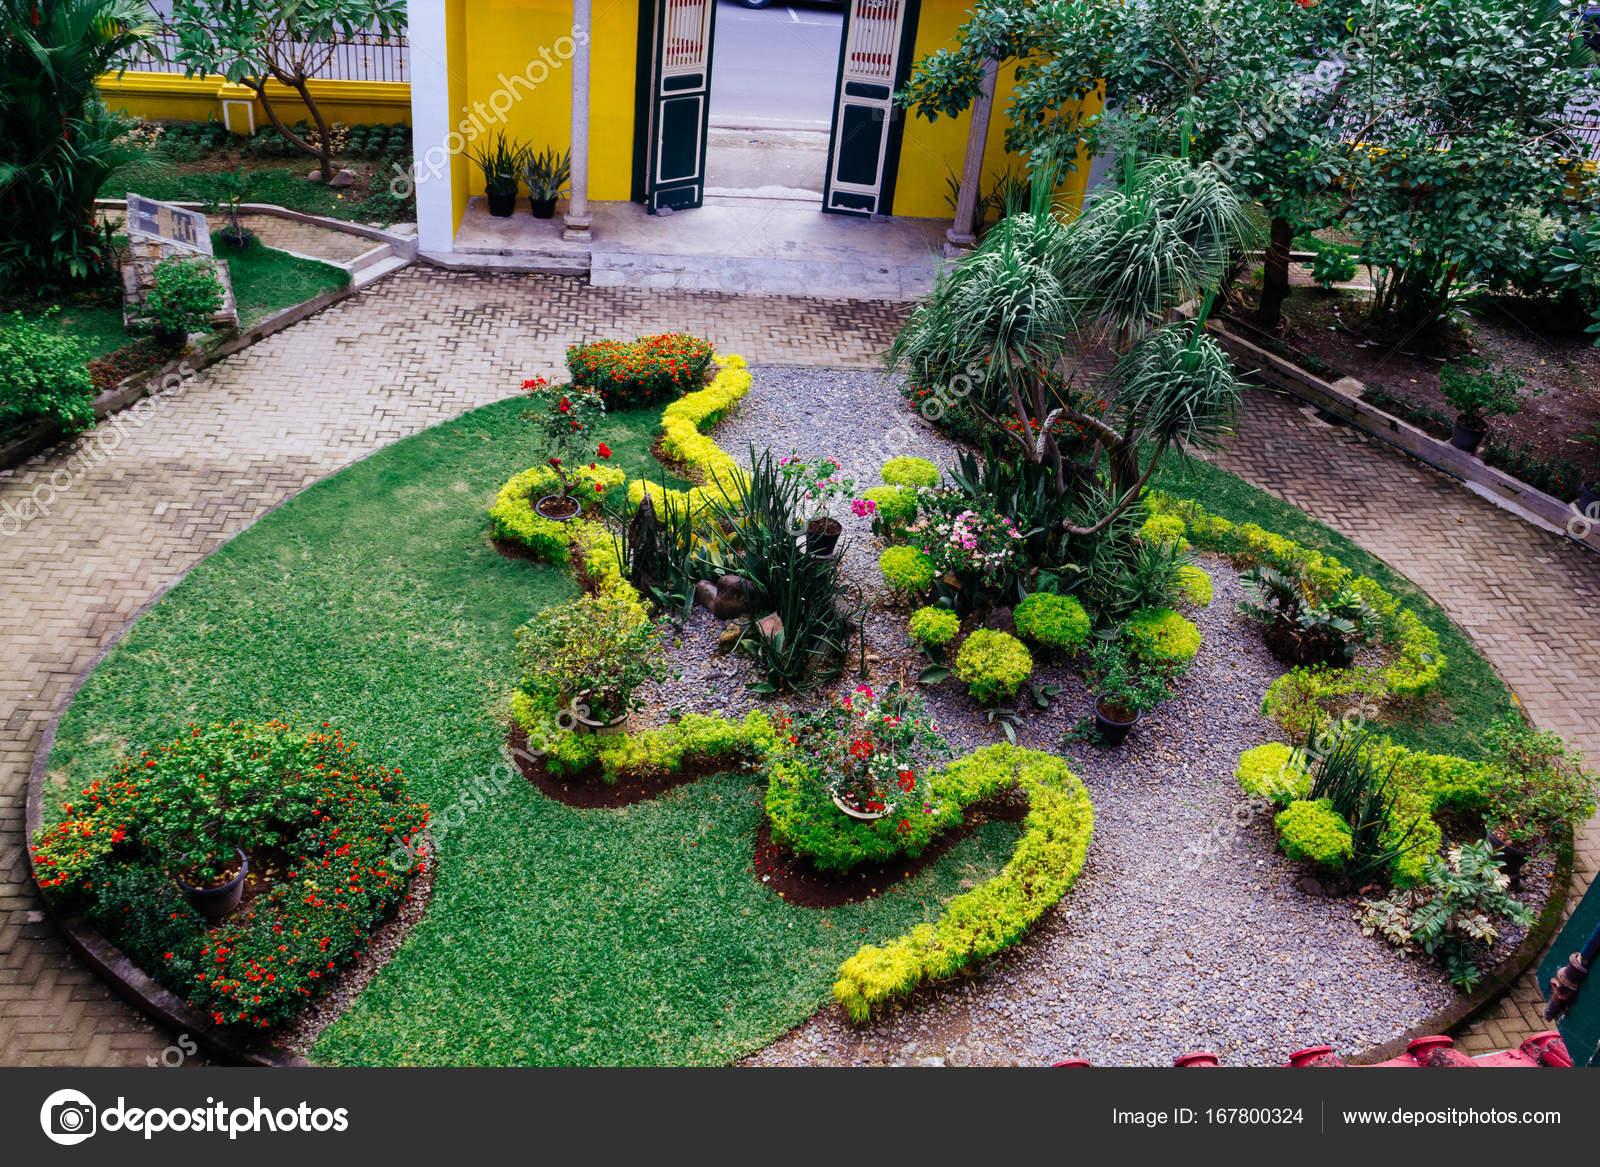 Plantas ornamentales en jard n fotos de stock for 6 plantas ornamentales